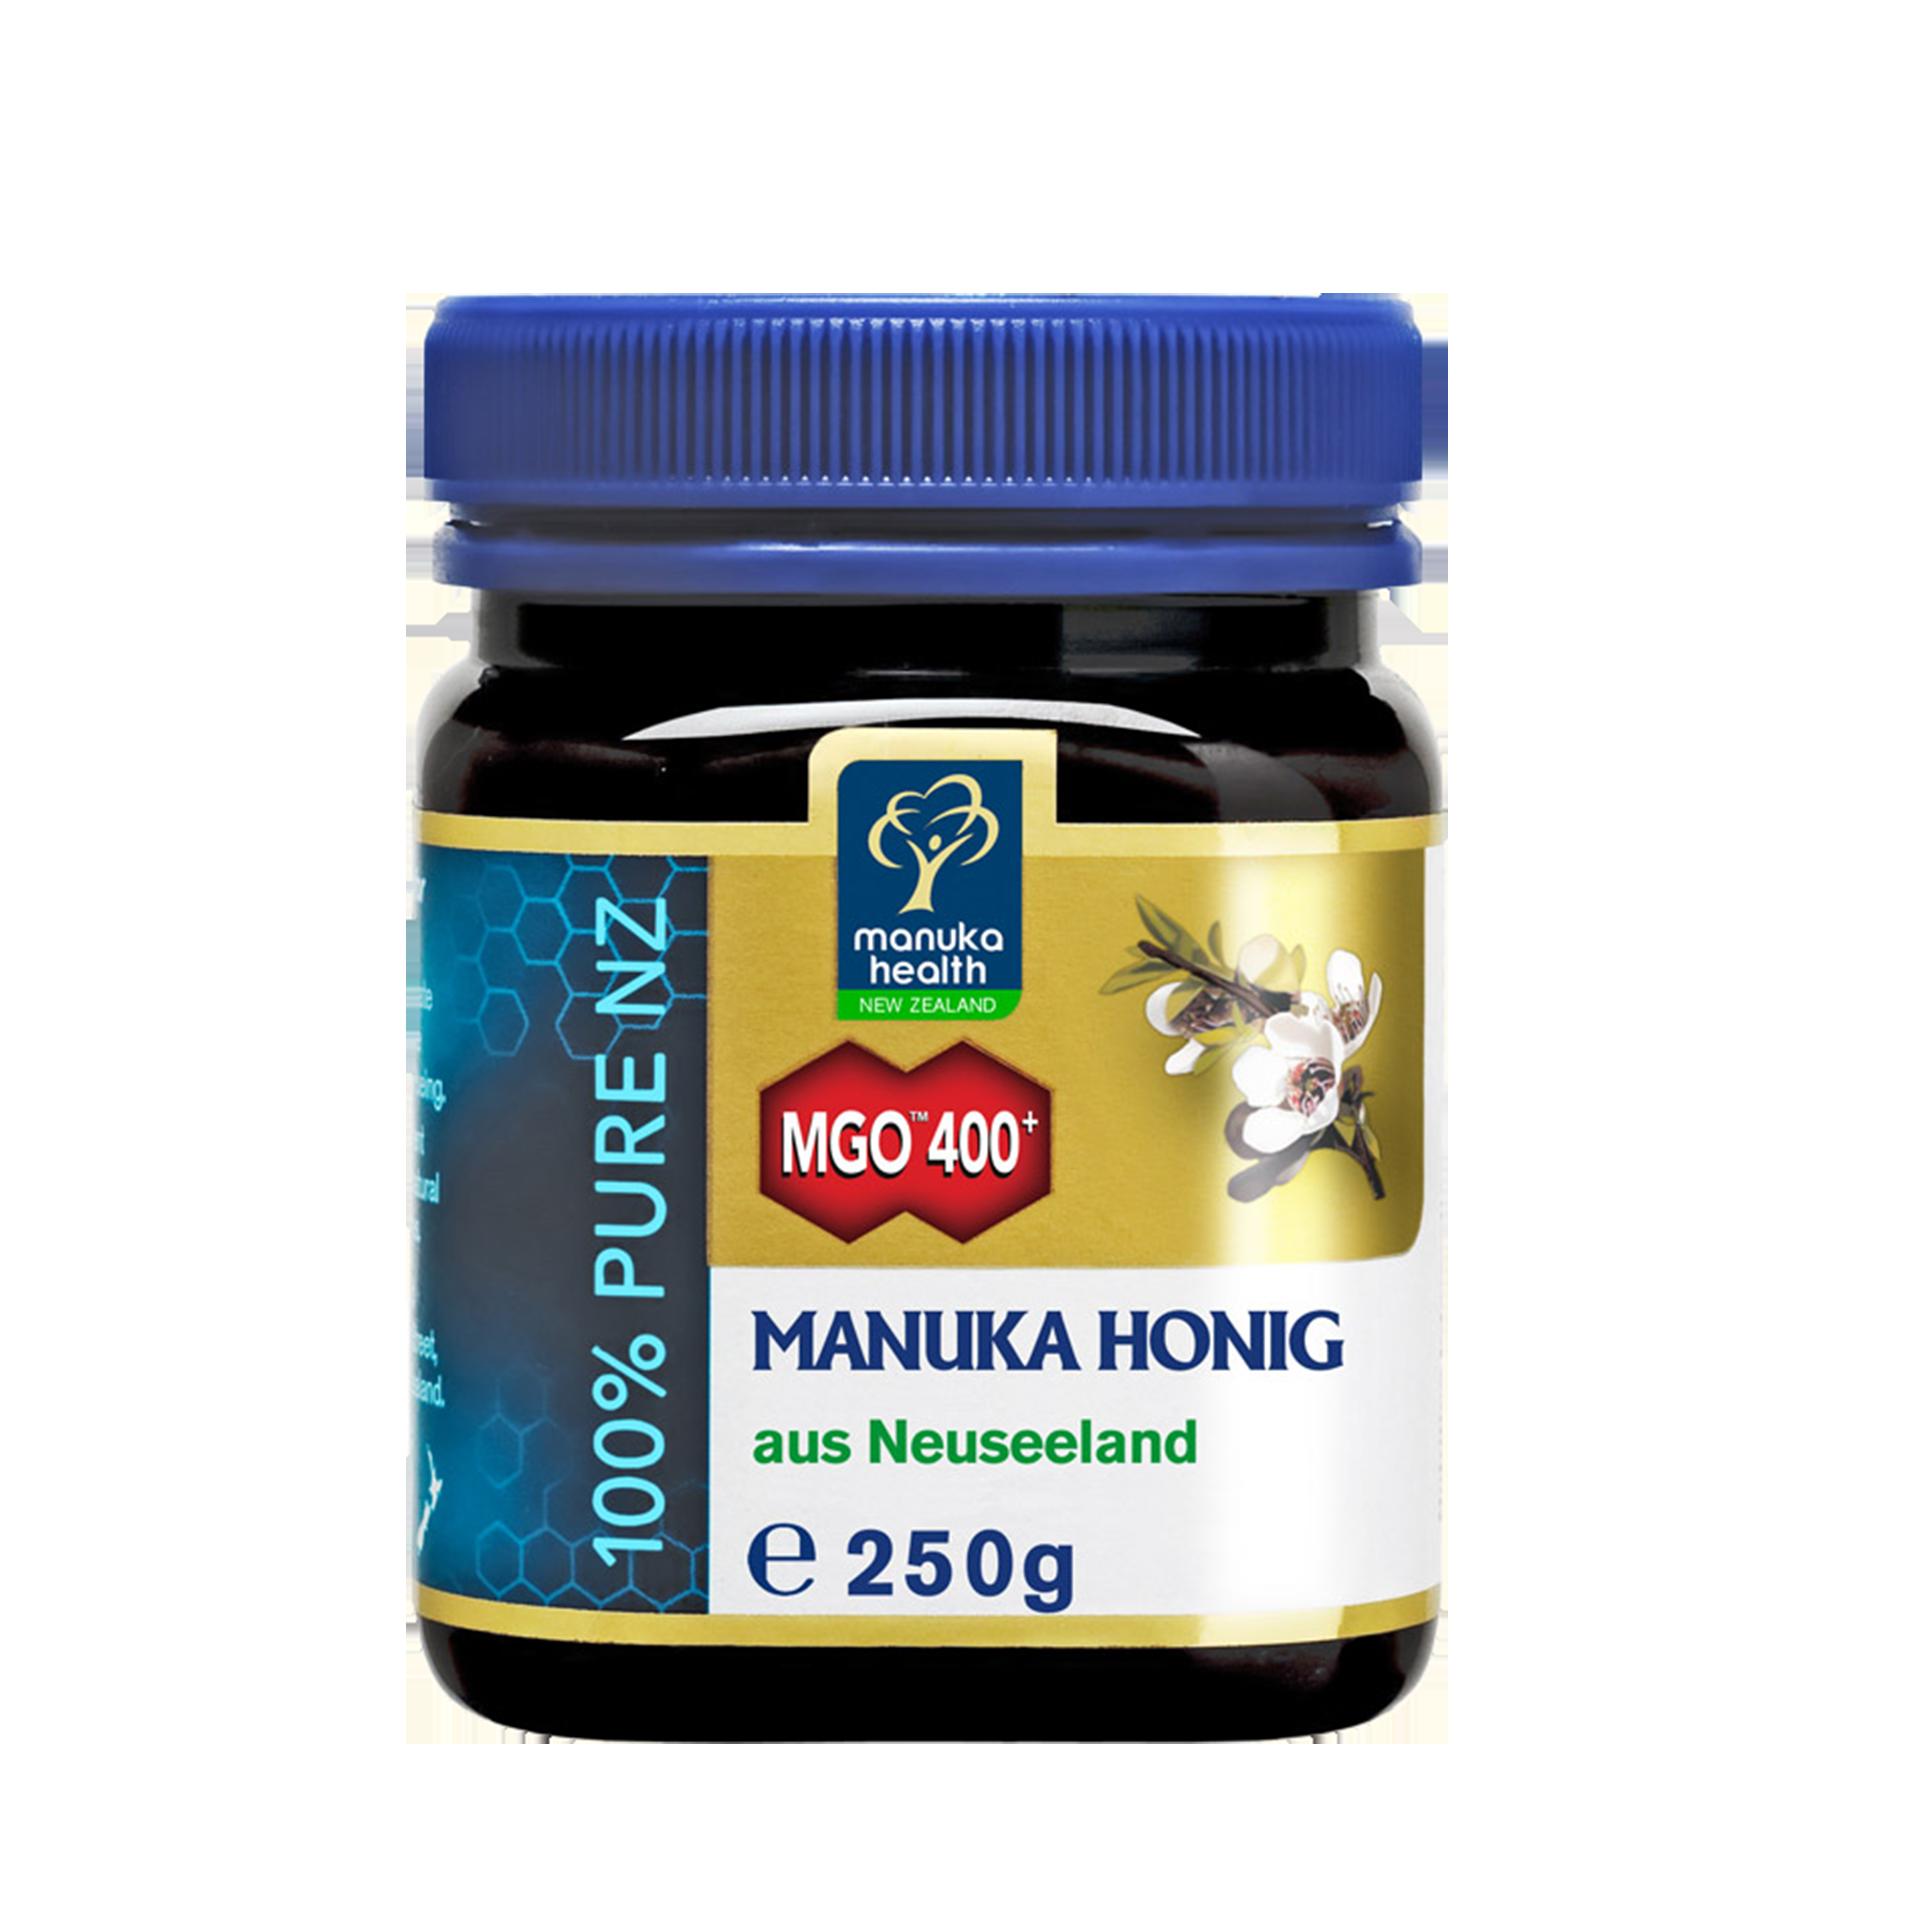 Manuka-Honig MGO 400+, 250 g